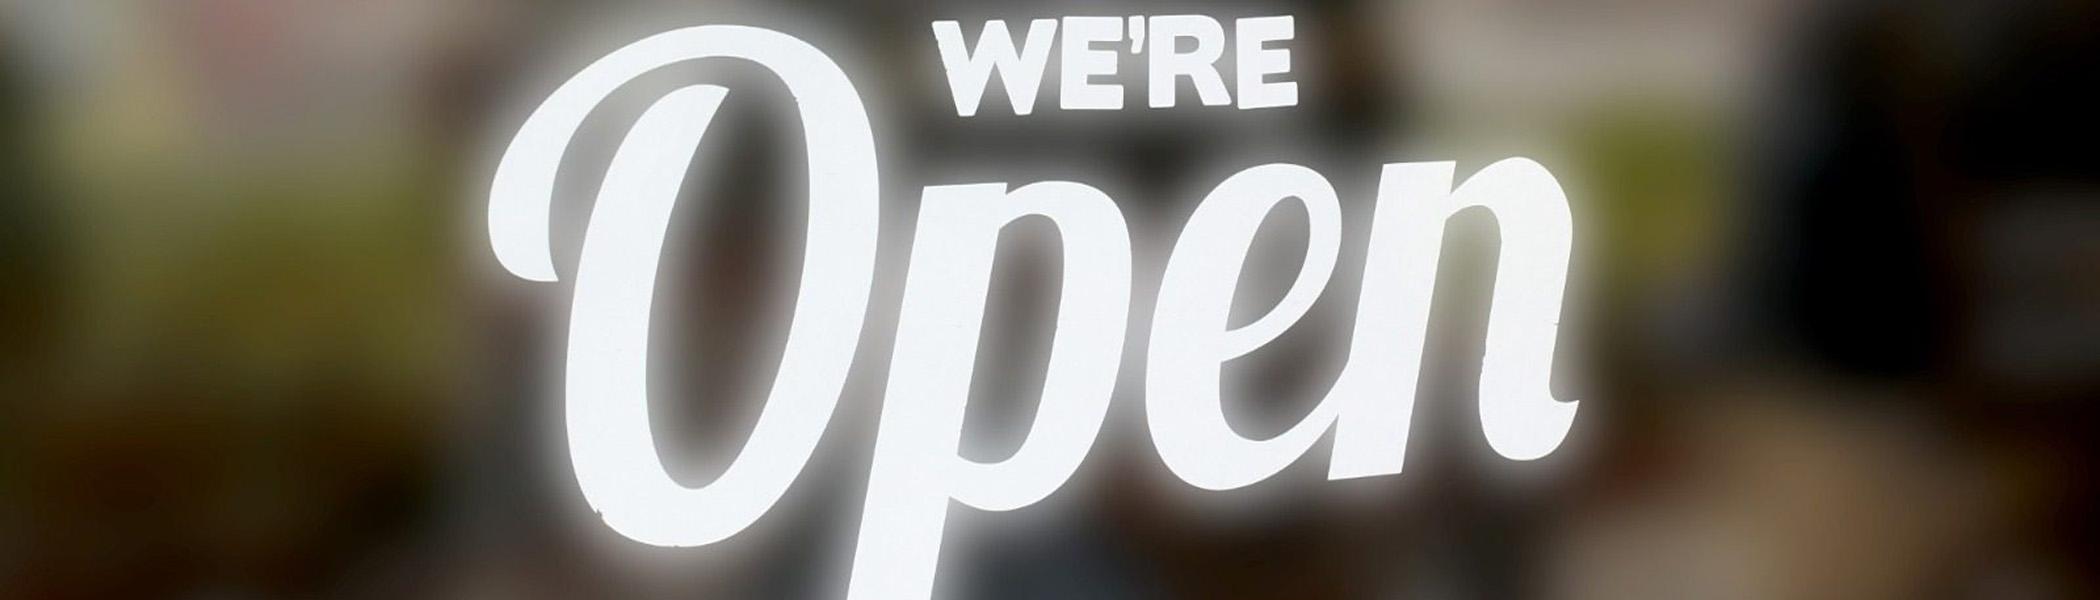 Clydebank We' re Open